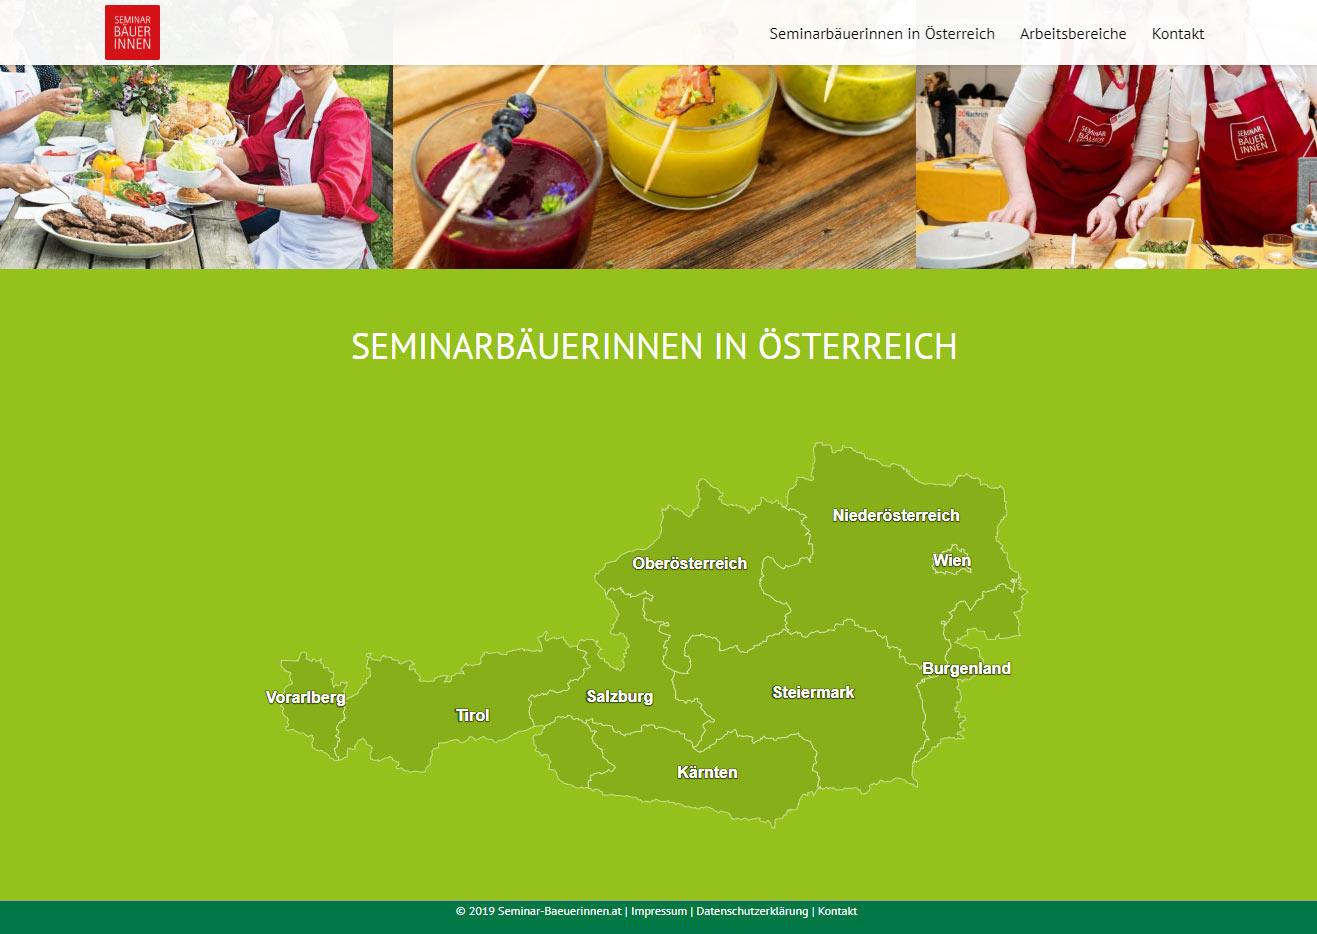 Seminarbäuerinnen Österreich 2